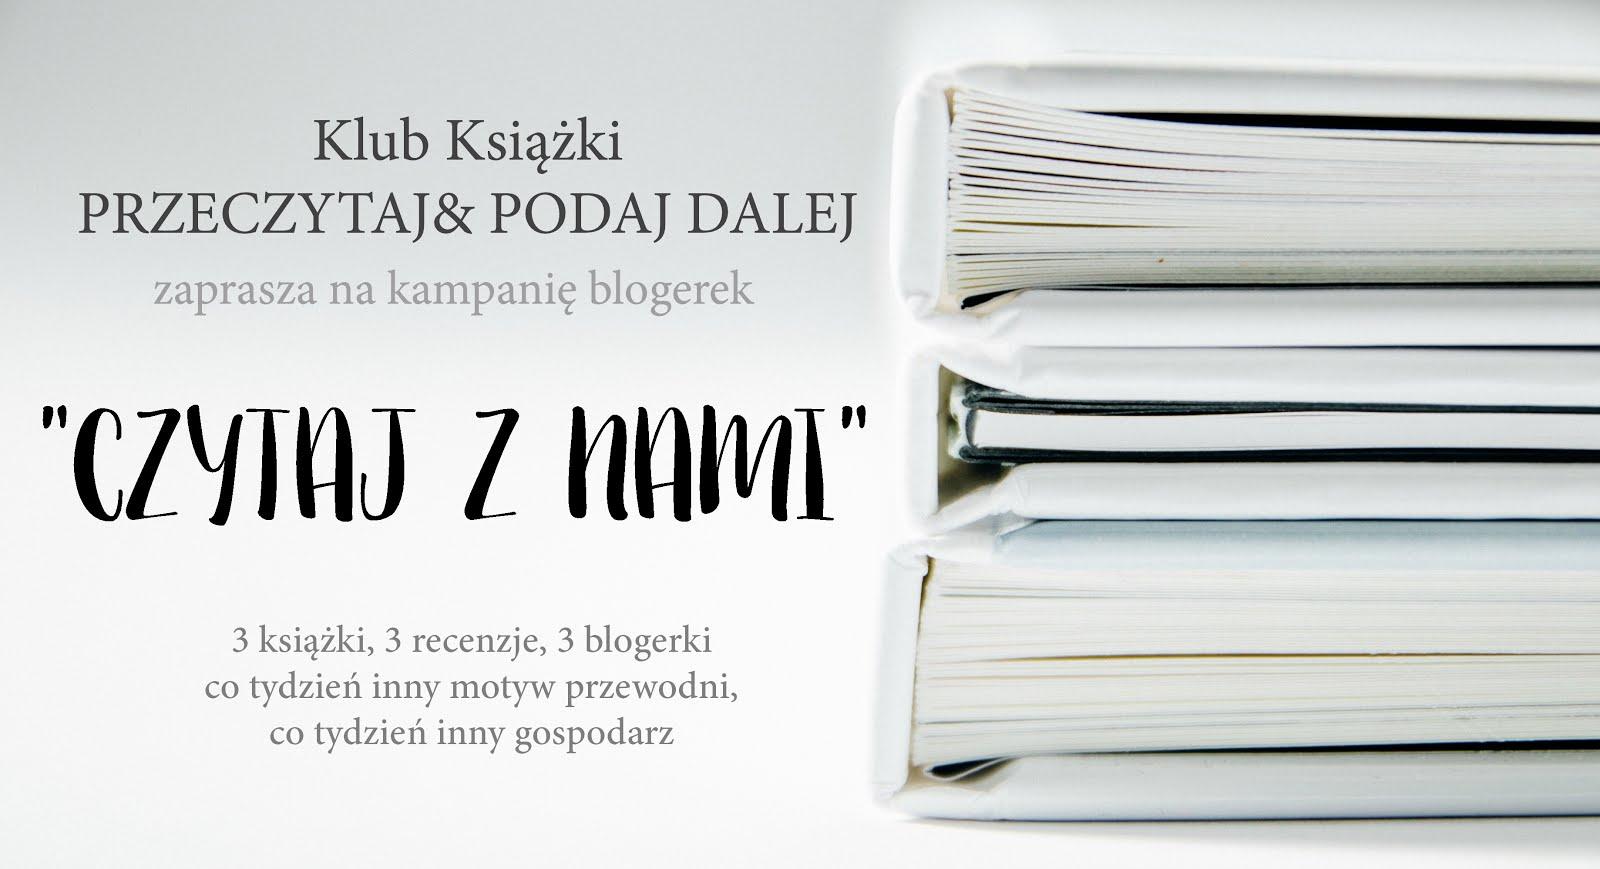 Kampania promująca czytelnictwo - kliknij i sprawdź